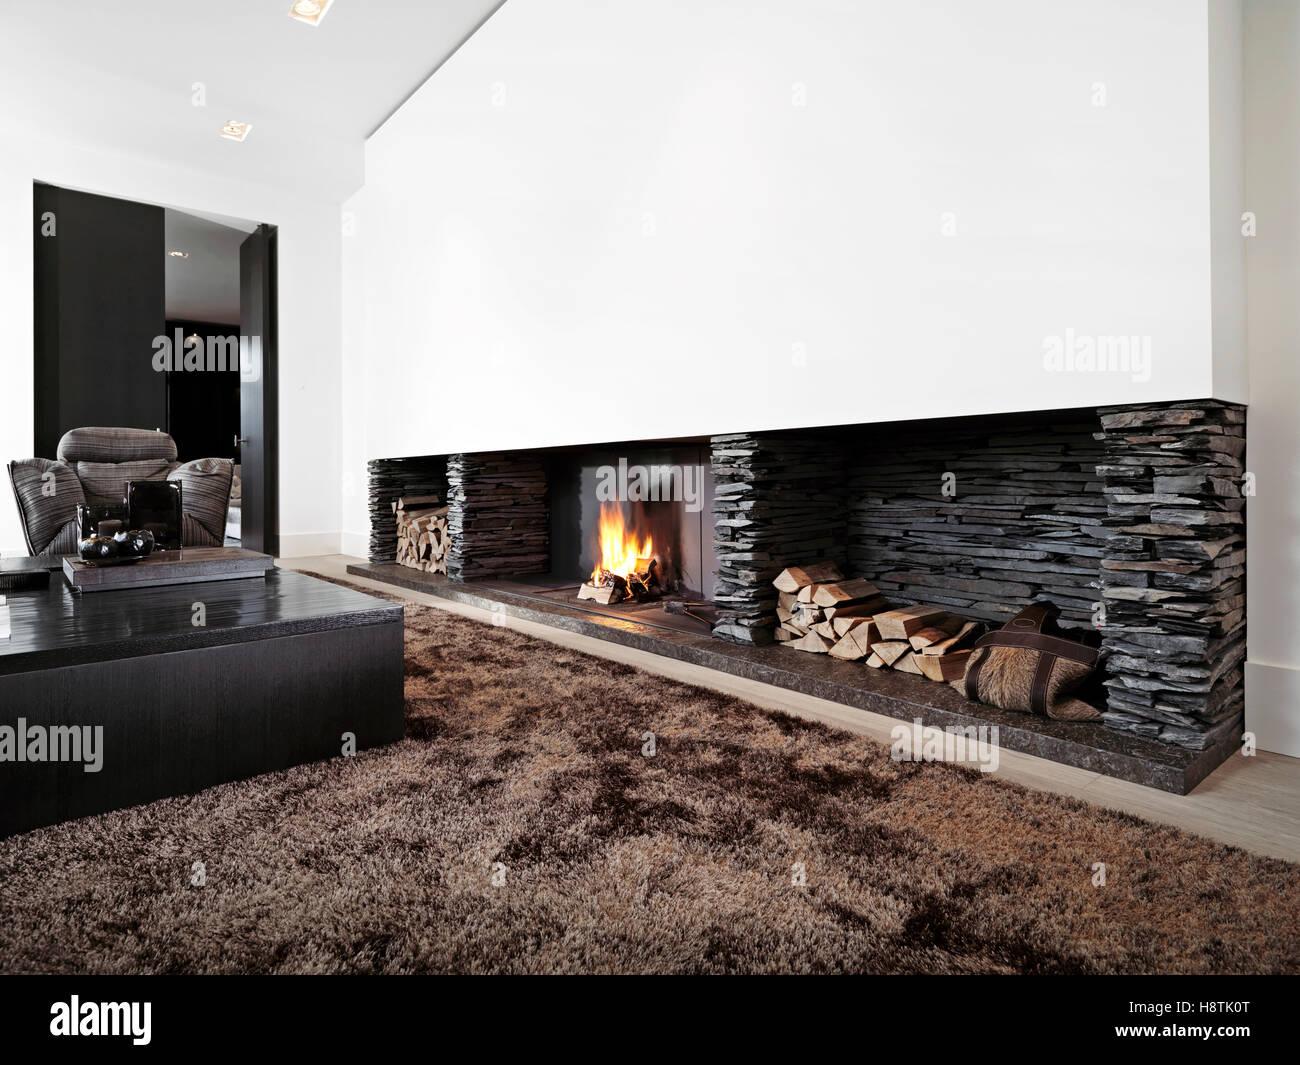 Wunderbar Modernes Wohnzimmer Mit Großem Kamin Mit Schwarzen Möbeln